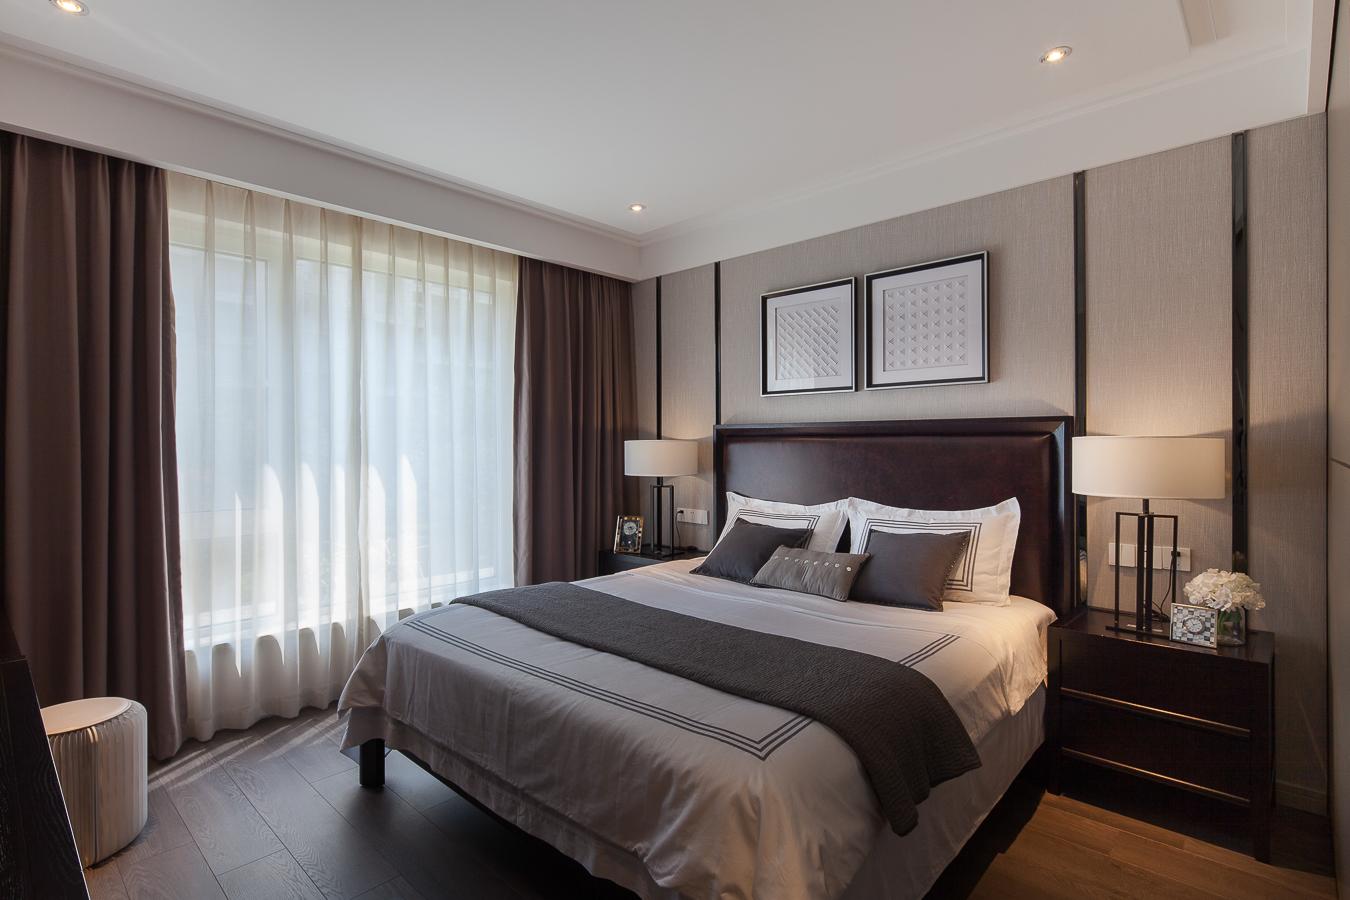 主卧室以冰纯净而清新,造型简约的床与清爽的床品十分和谐。极简的床头灯与艺术气息浓郁